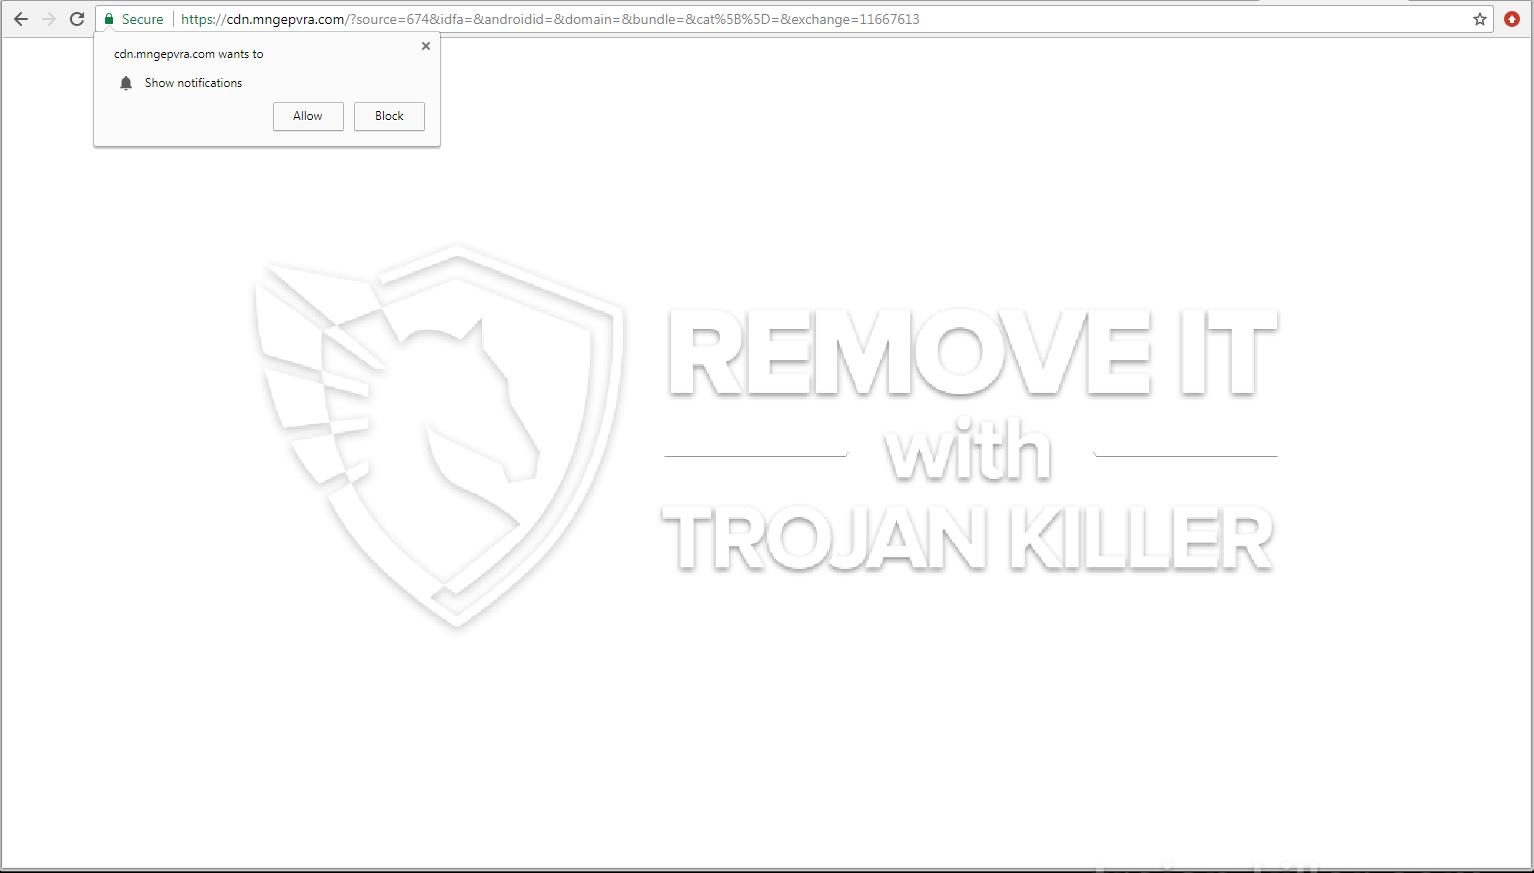 remove Mngepvra.com virus